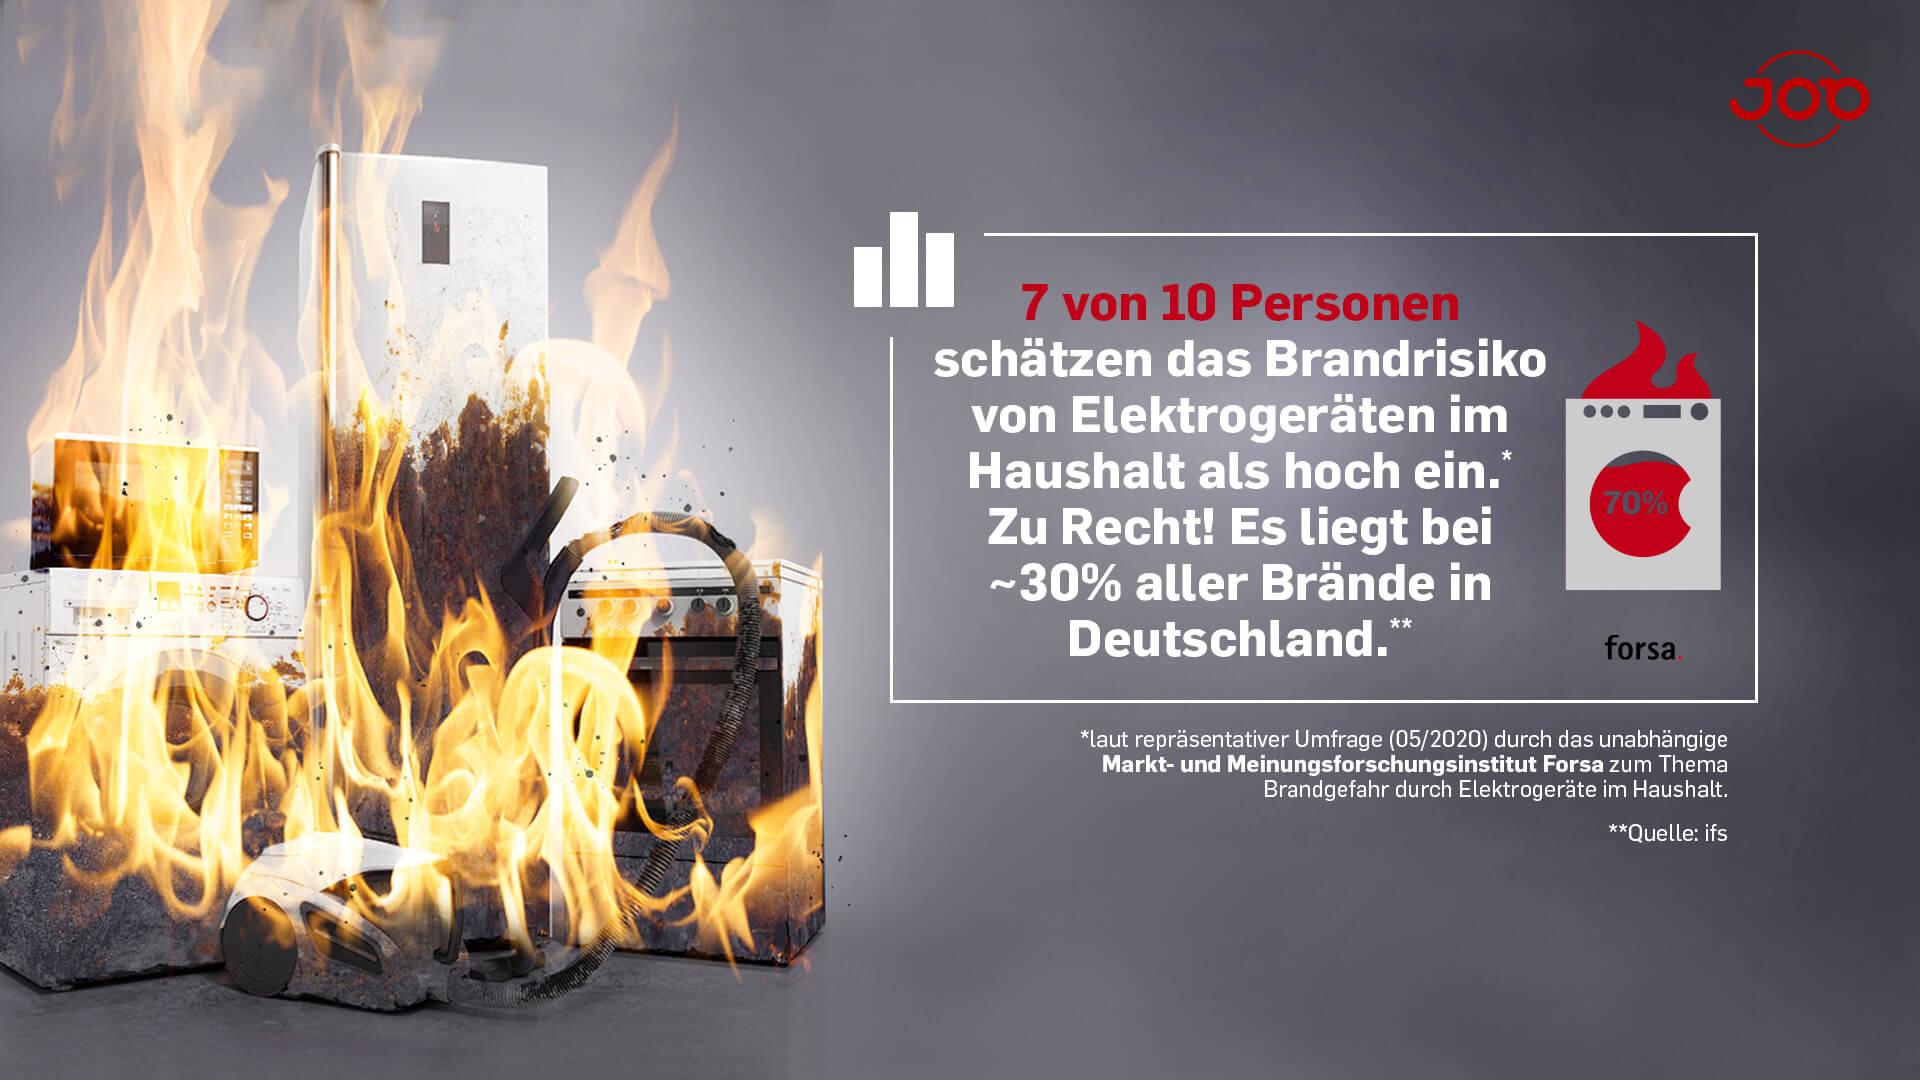 Forsa Umfrage - Integrierter Brandschutz - 7 von 10 schätzen das Brandrisiko von Elektrogeräten als hoch ein